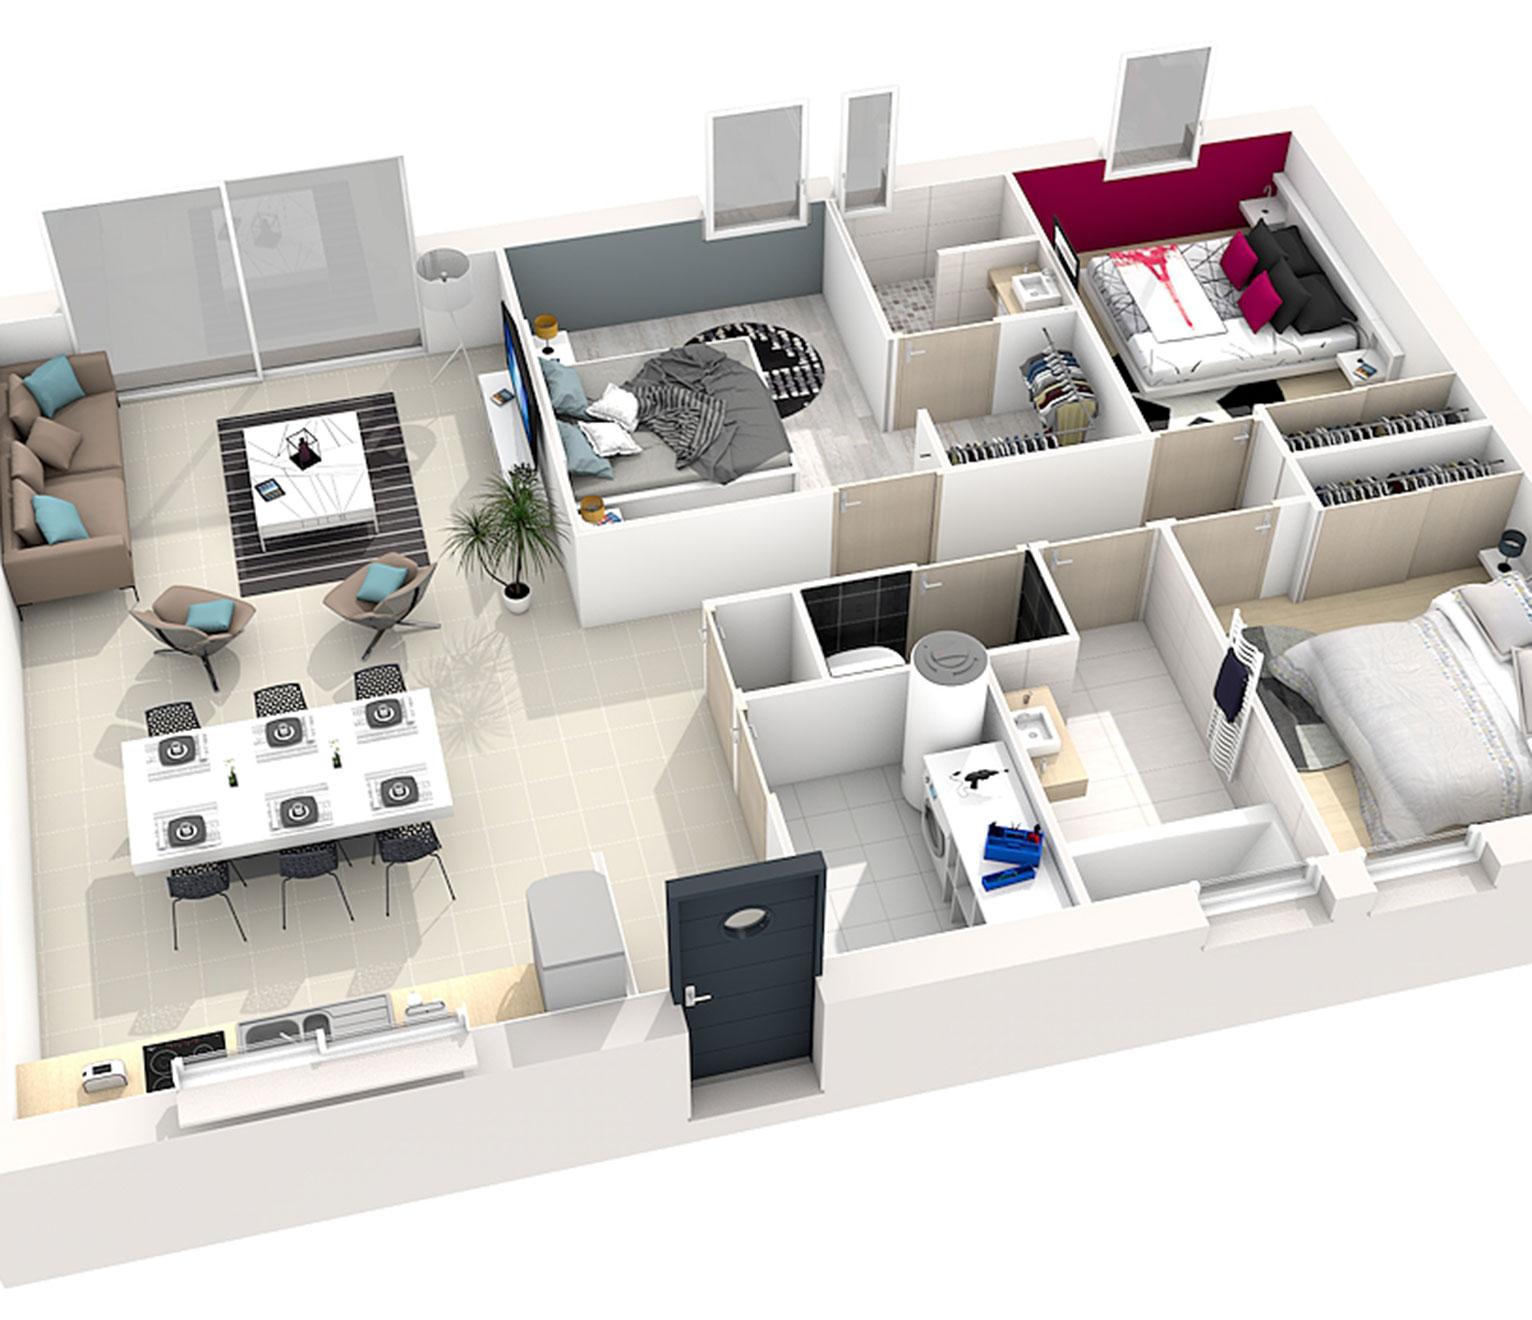 Maison de 12 m²  12 idées d'agencement intérieur   Quel ...